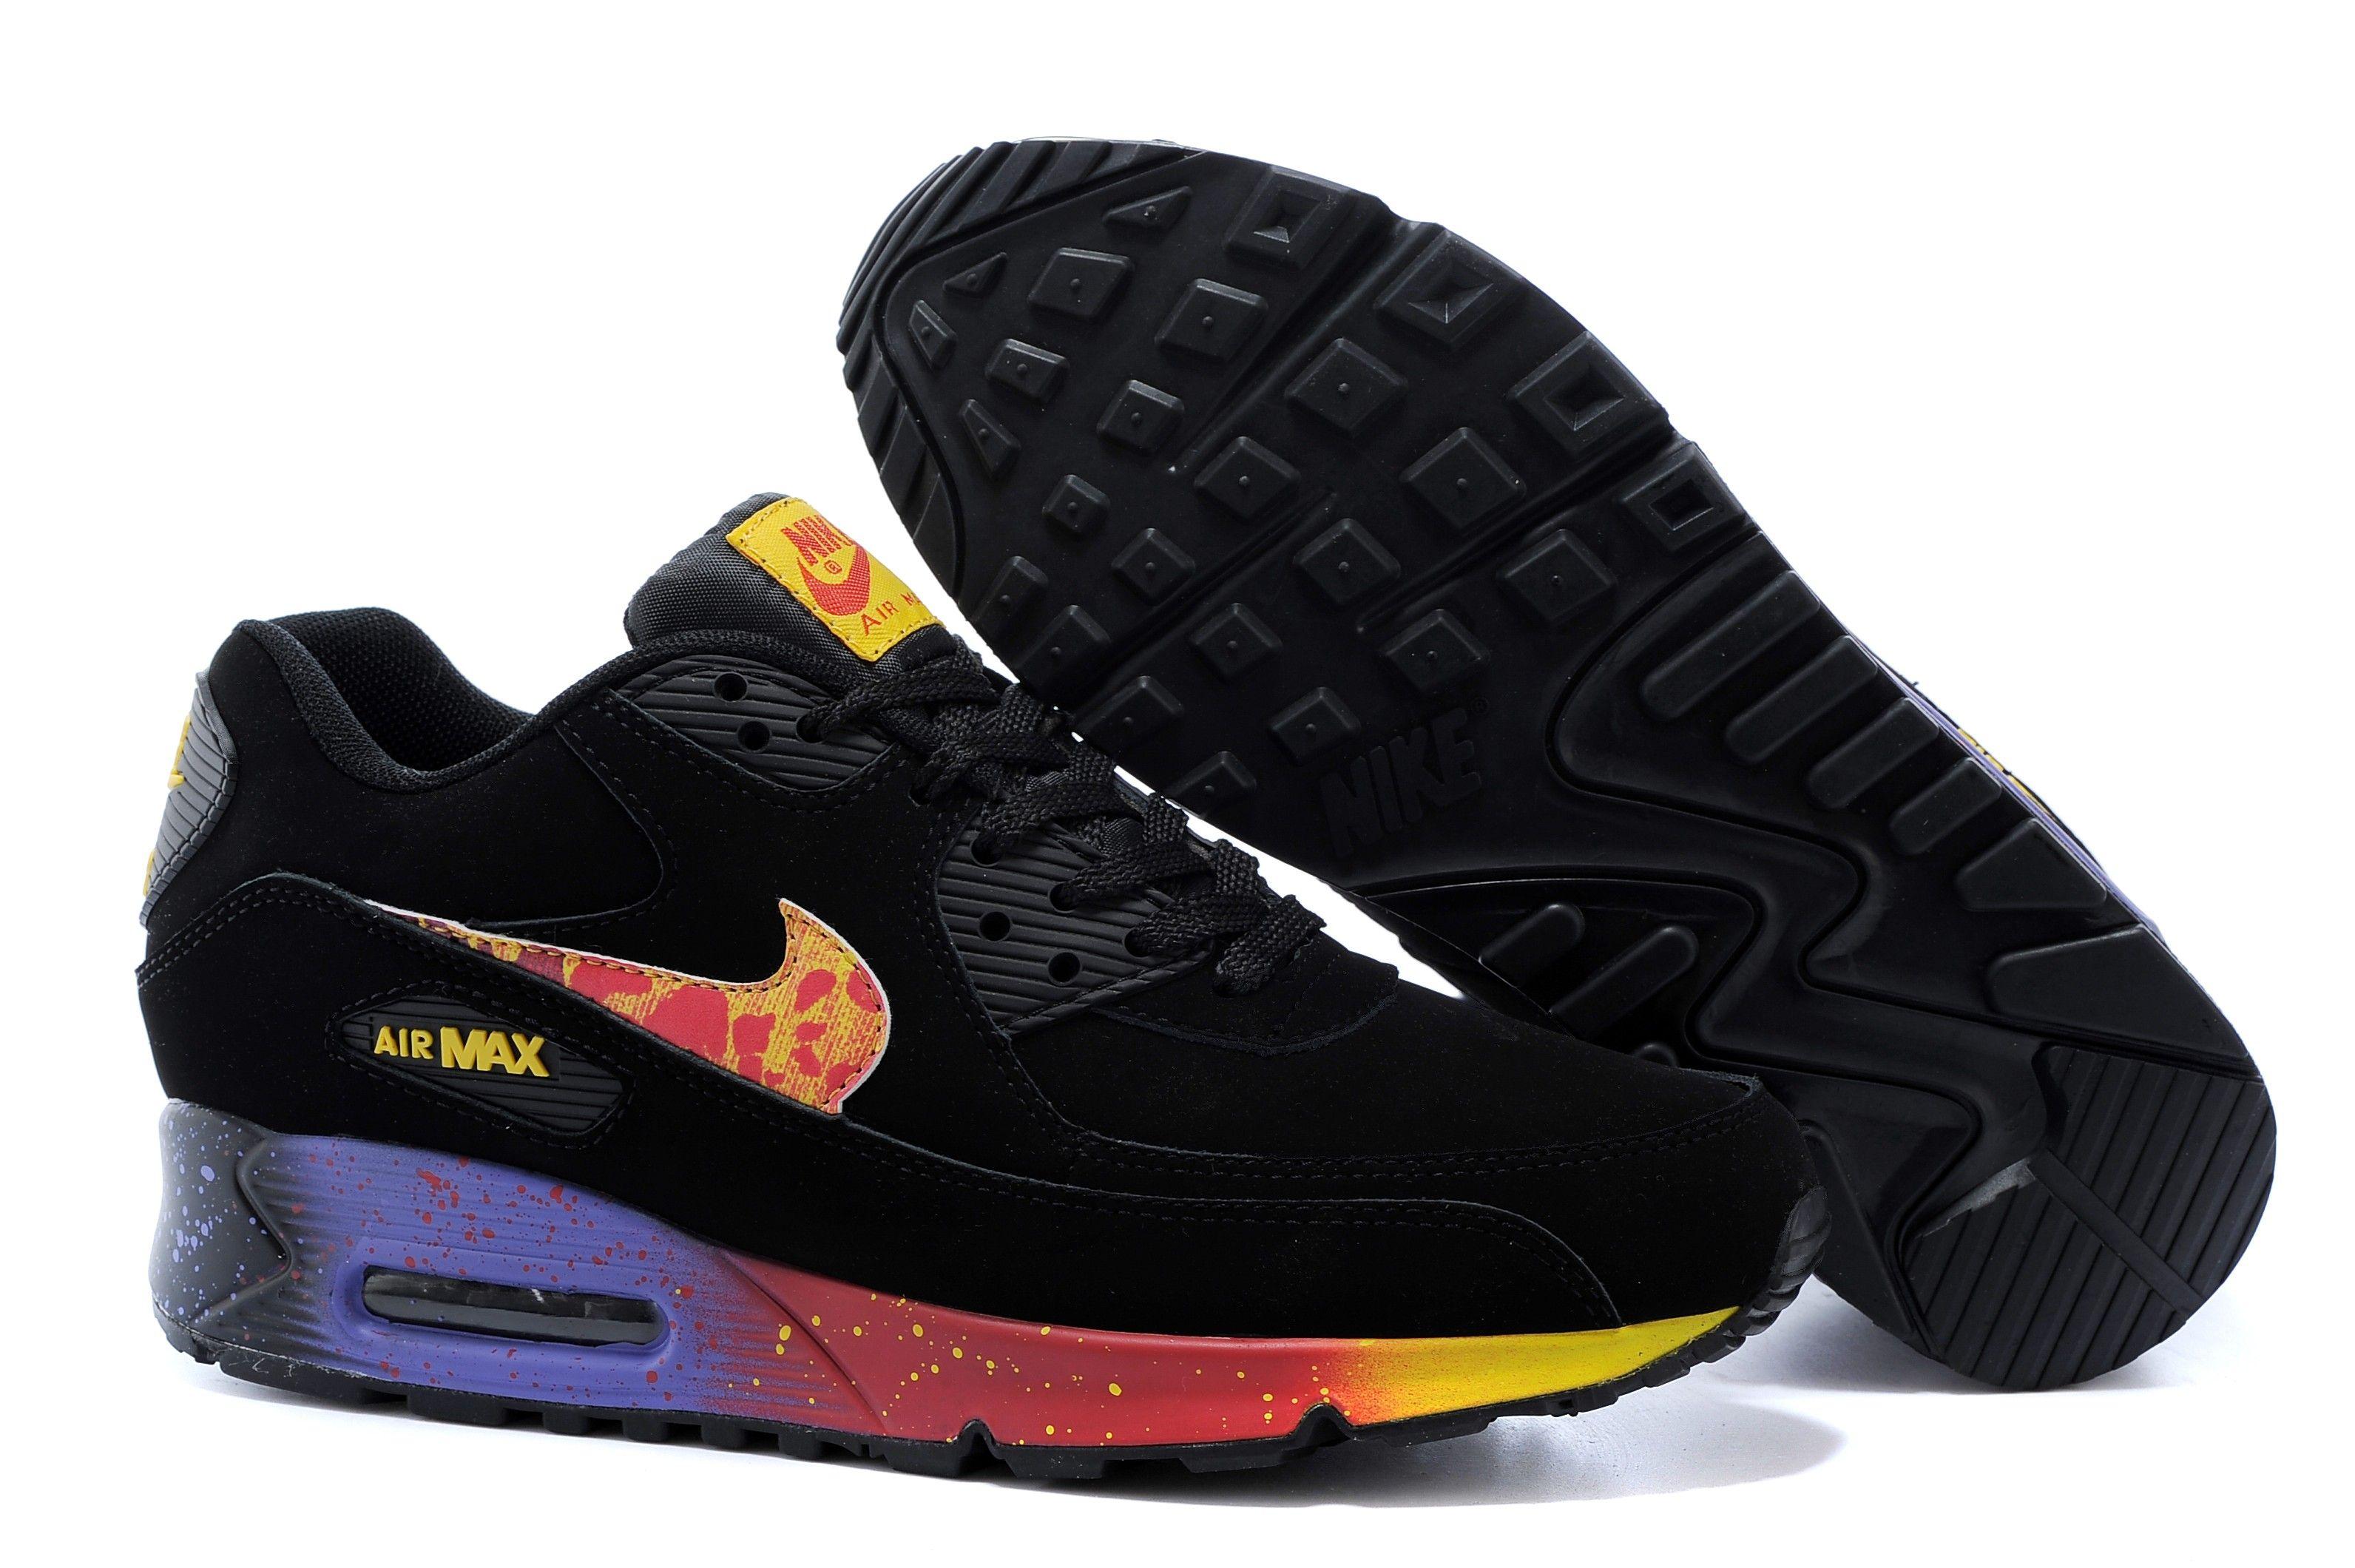 separation shoes 96e51 c6497 italy acheter nike air max édition limitée en cuir nubuck noir jaune violet  rose e46f3 e6d9d